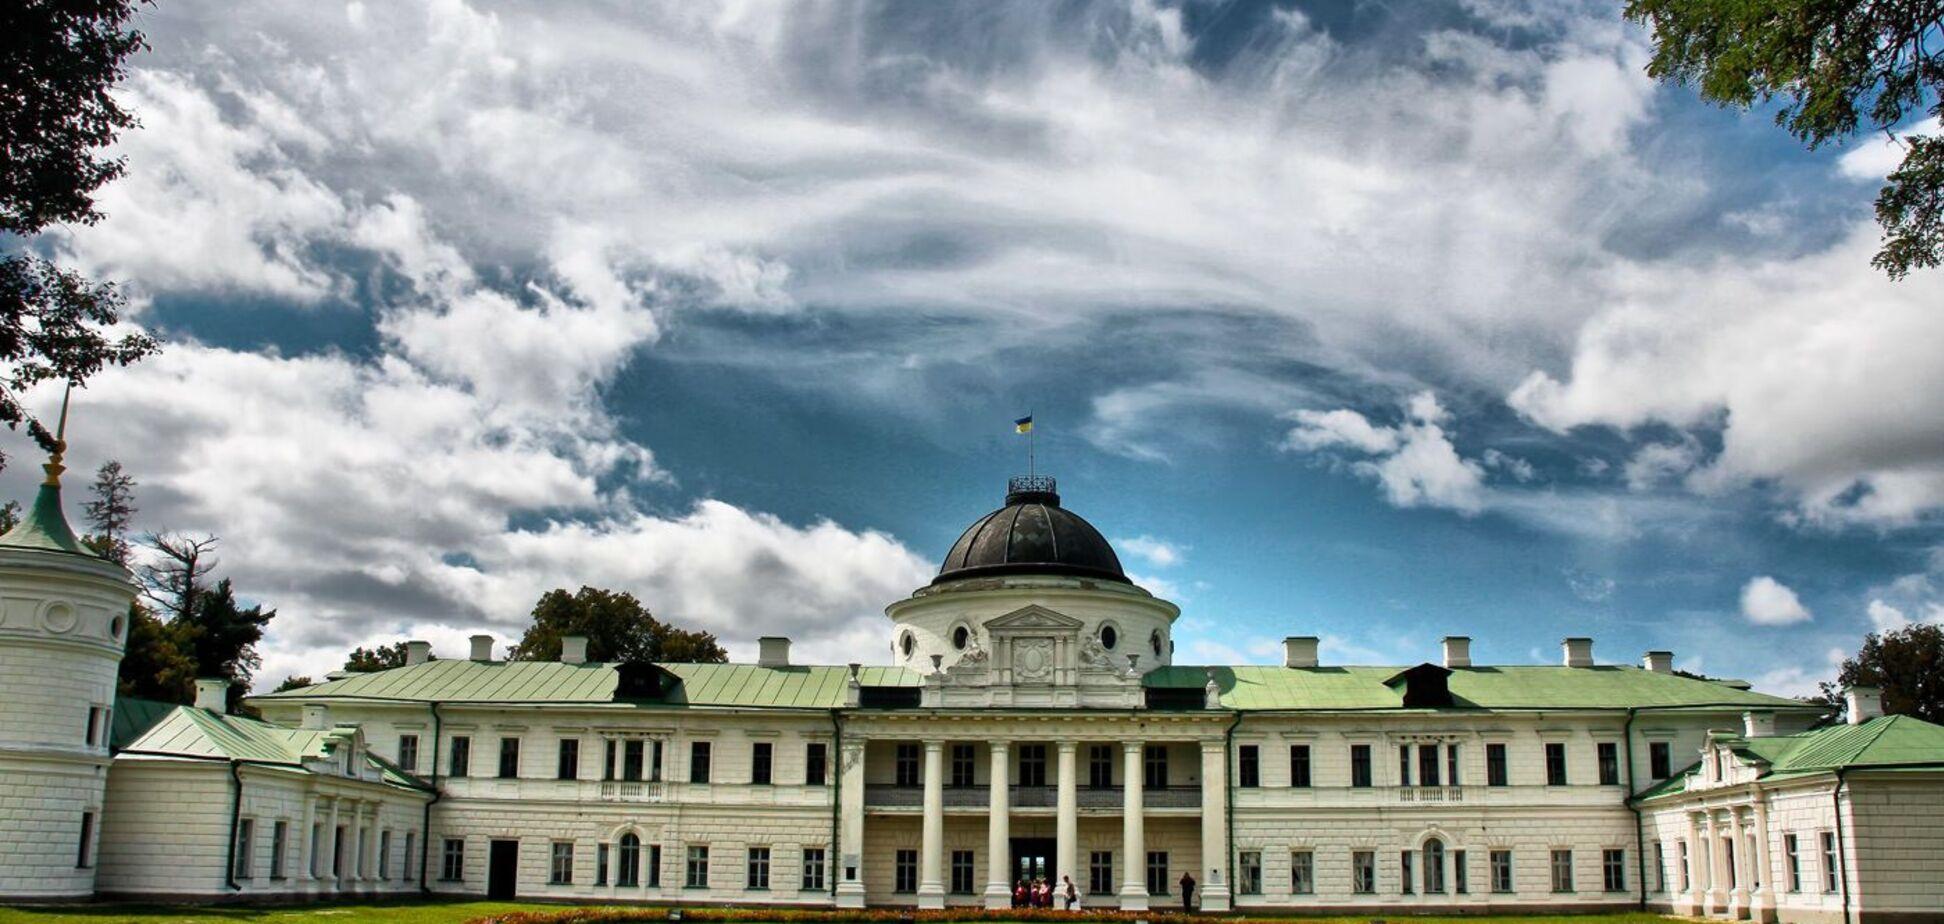 Минкульт выделит деньги на реставрацию дворцово-паркового комплекса Качановка на Черниговщине